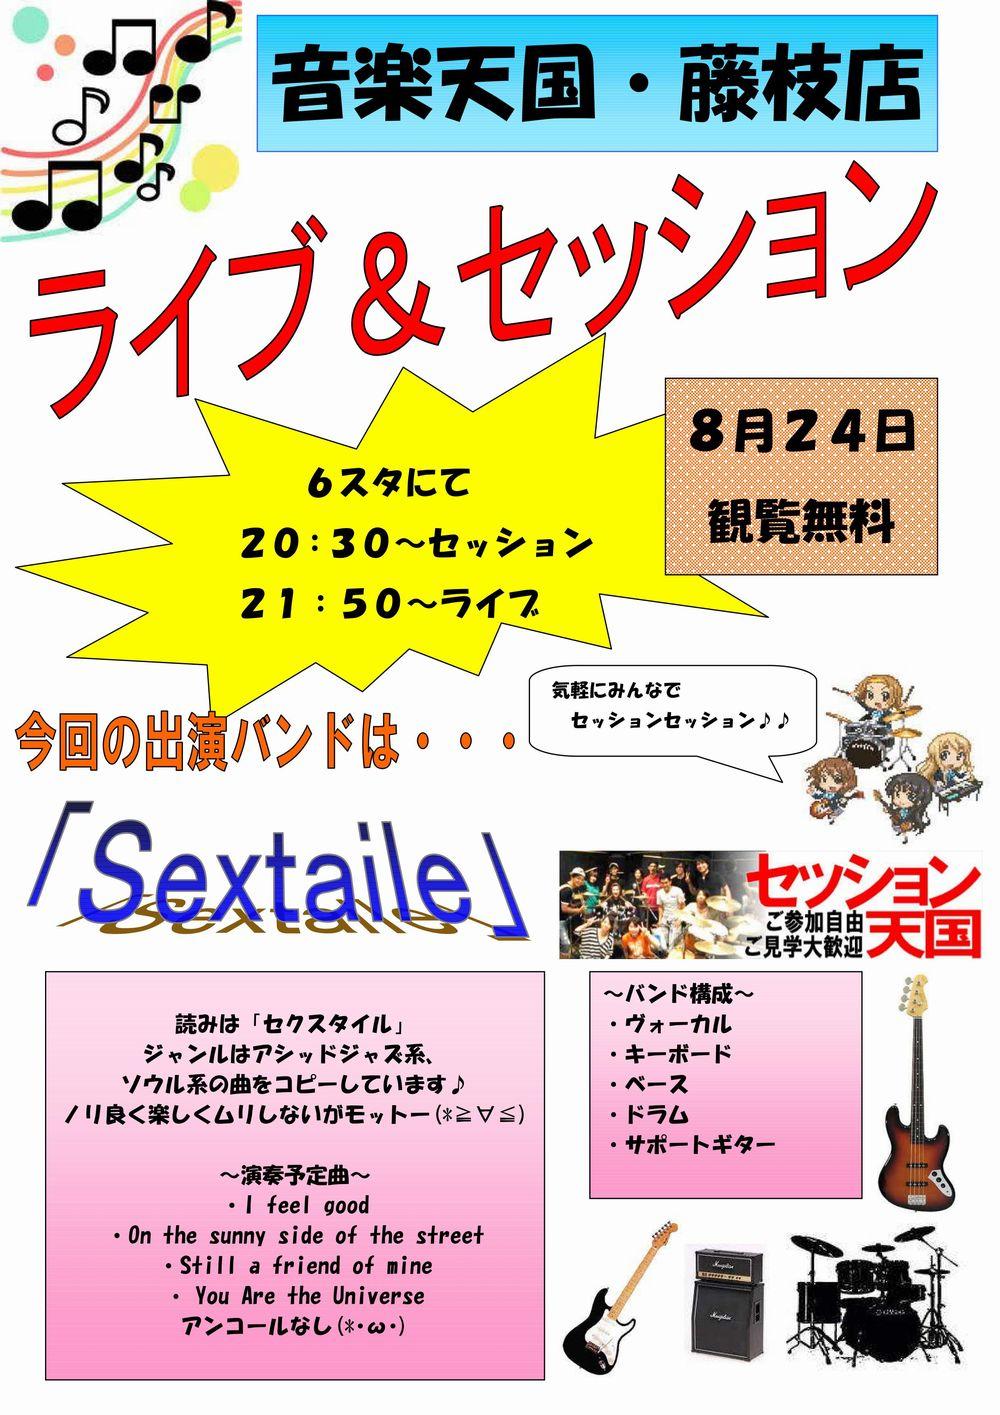 ライブ&ジャムセッション@藤枝店8月24日(水)開催!